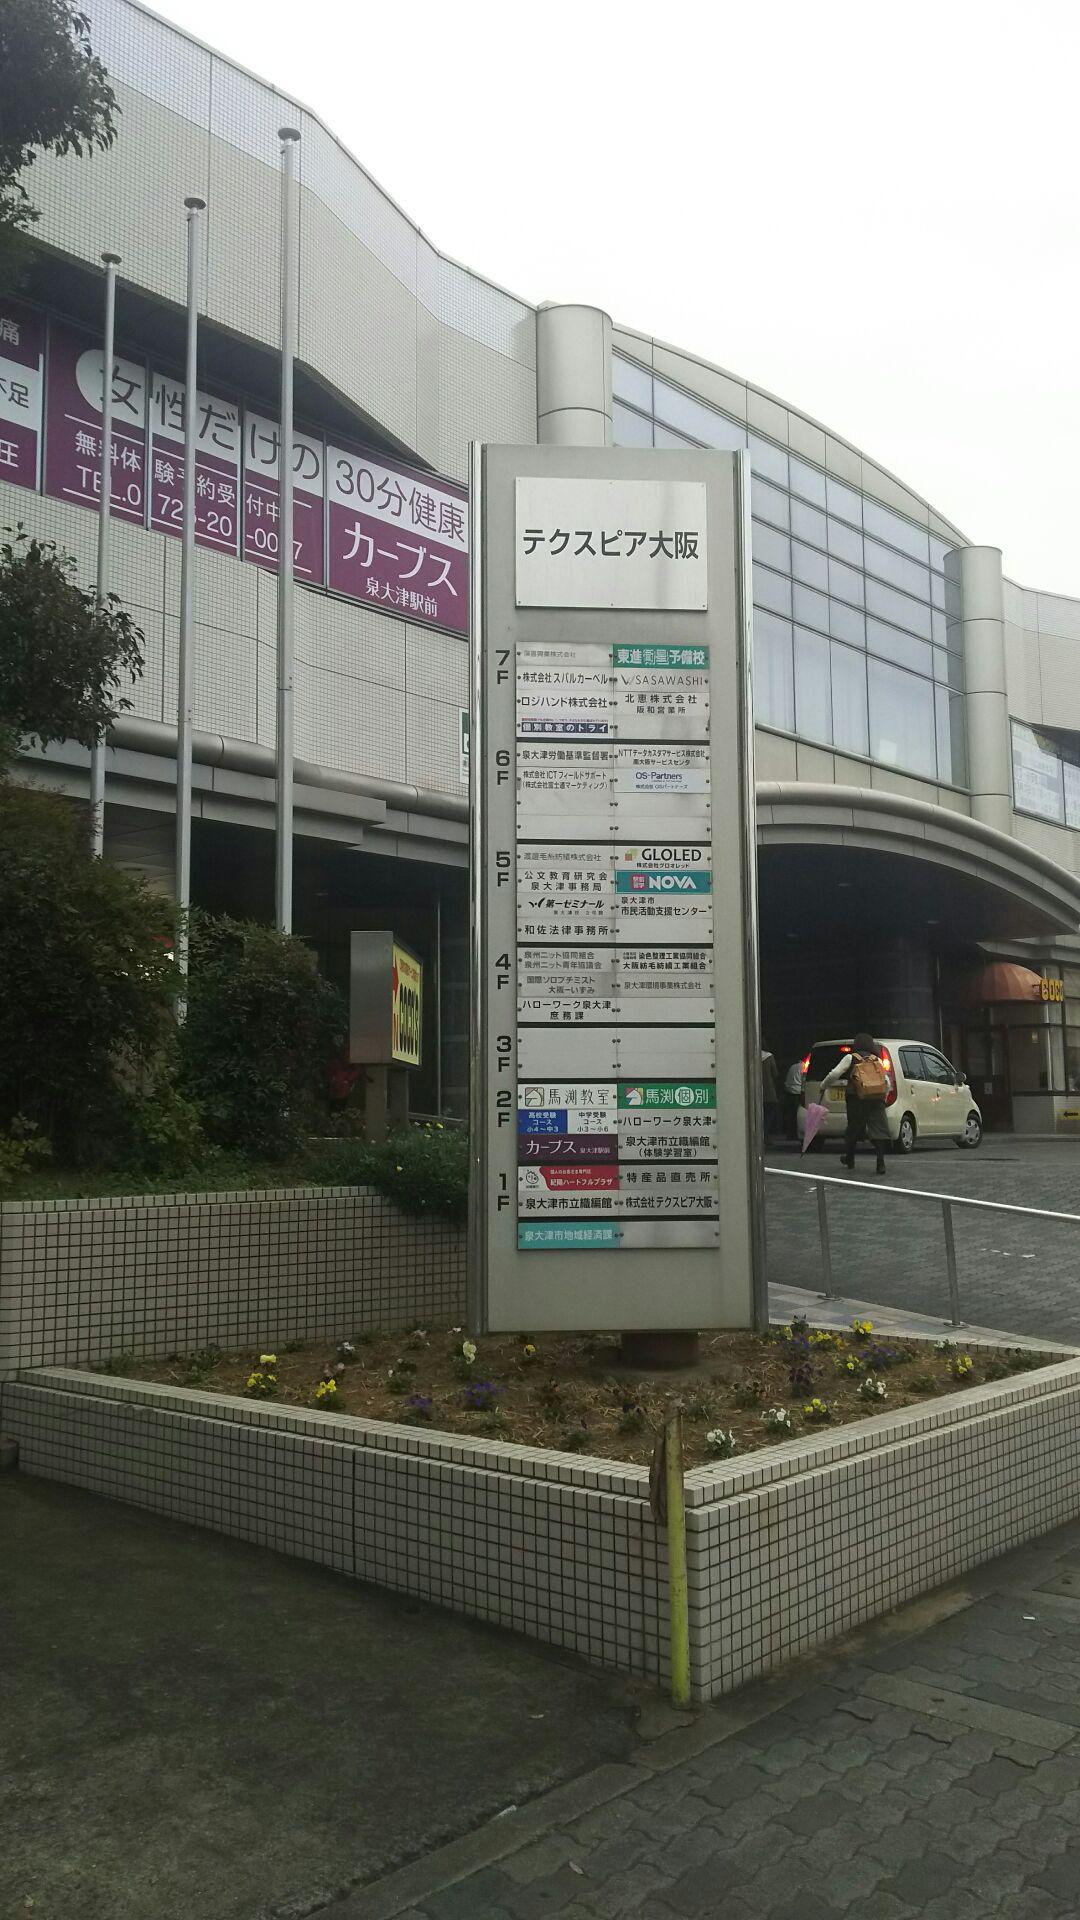 泉大津市展_a0288226_136620.jpg